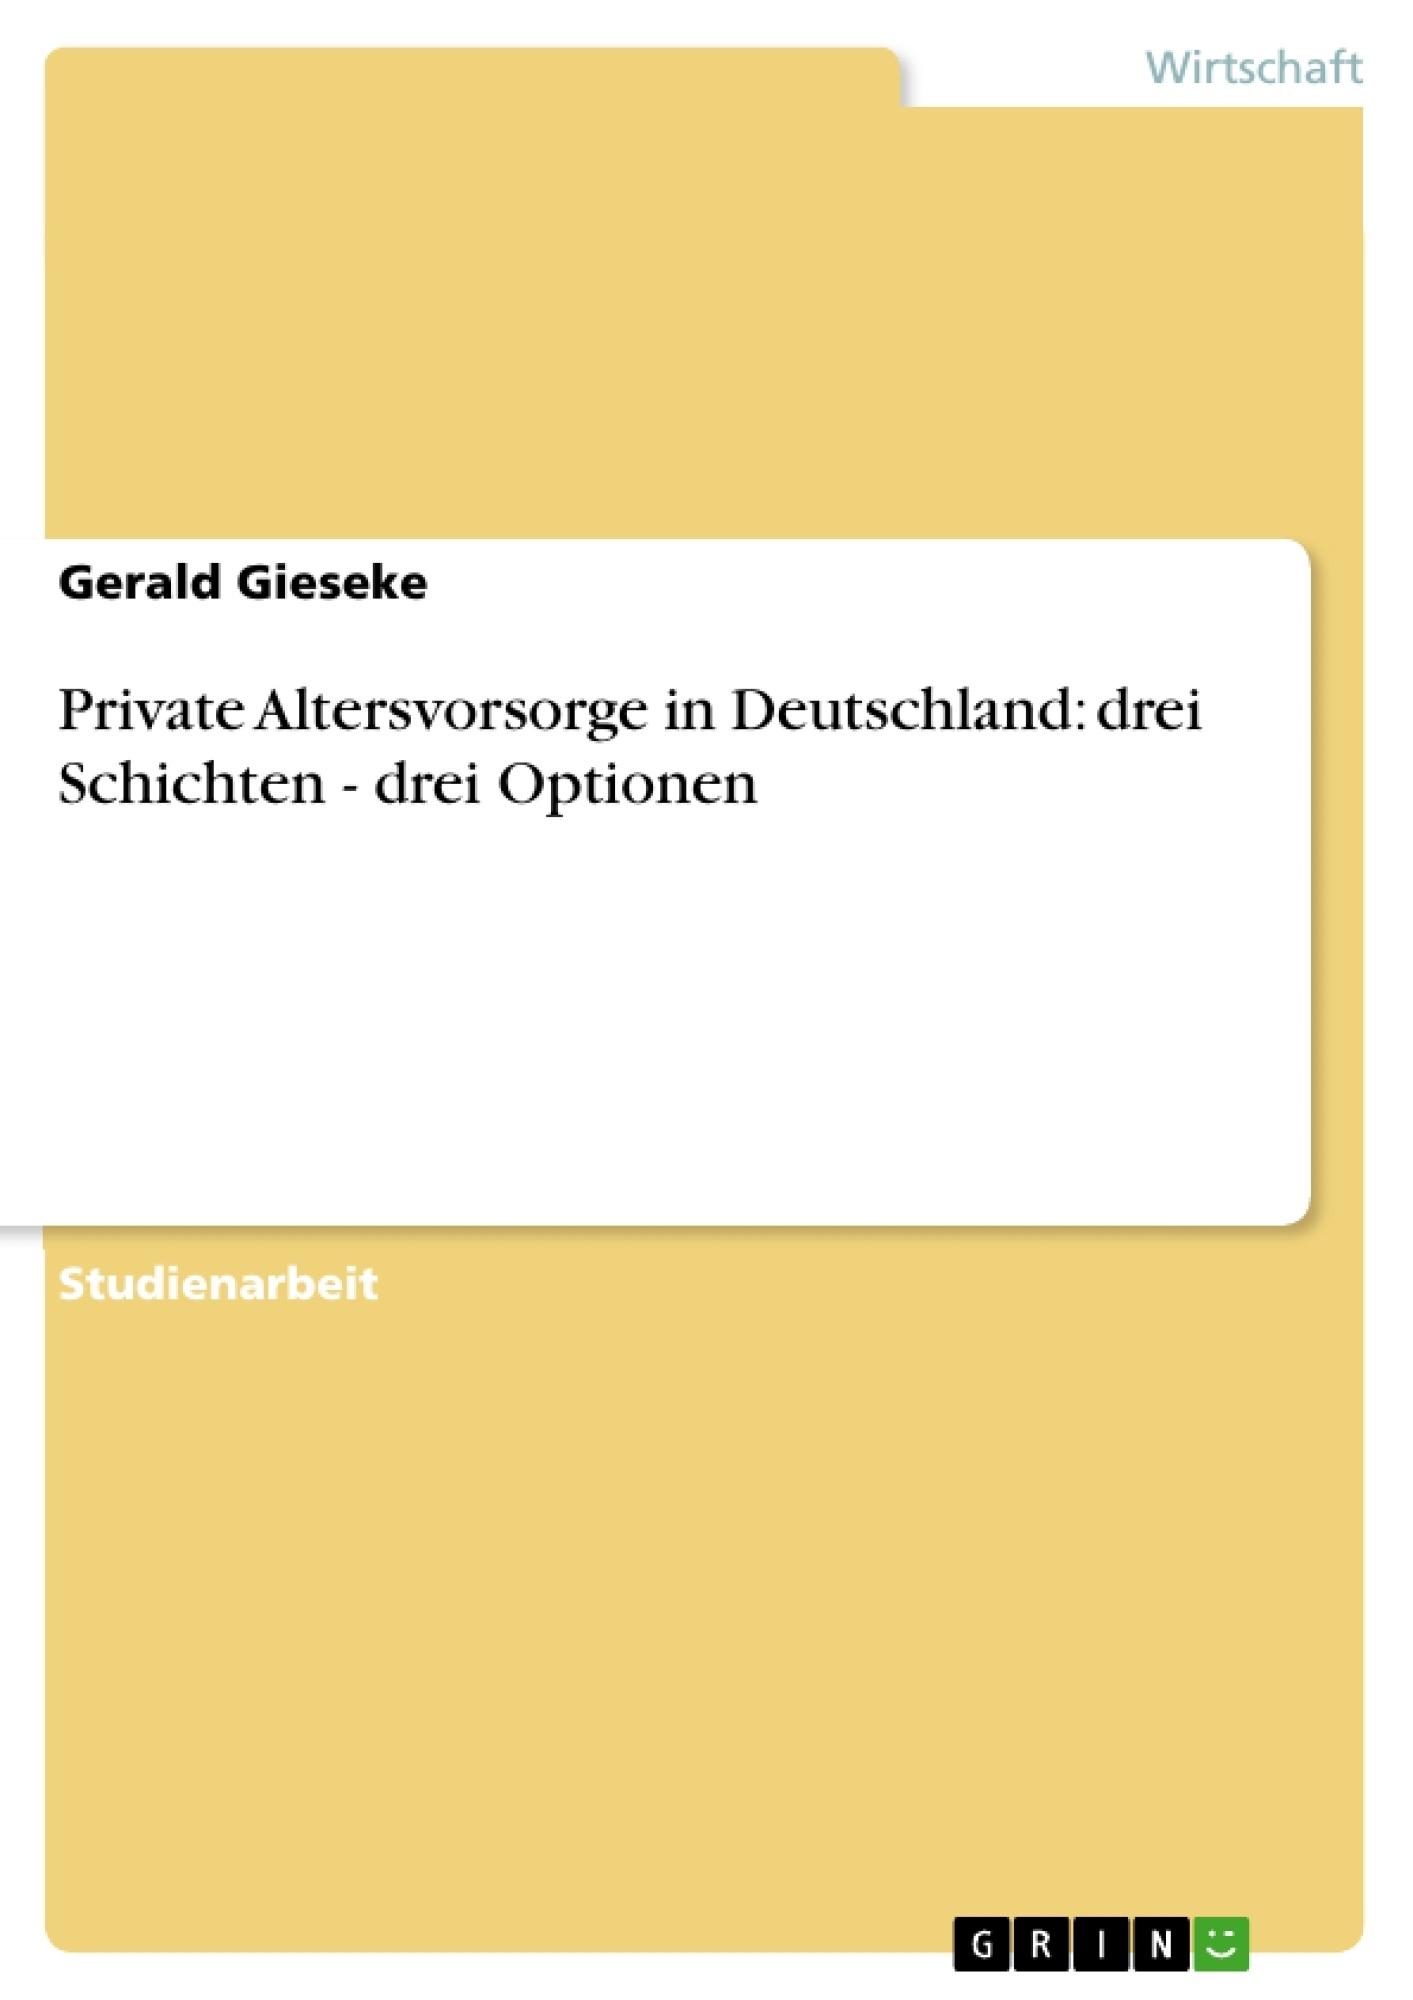 Titel: Private Altersvorsorge in Deutschland: drei Schichten - drei Optionen